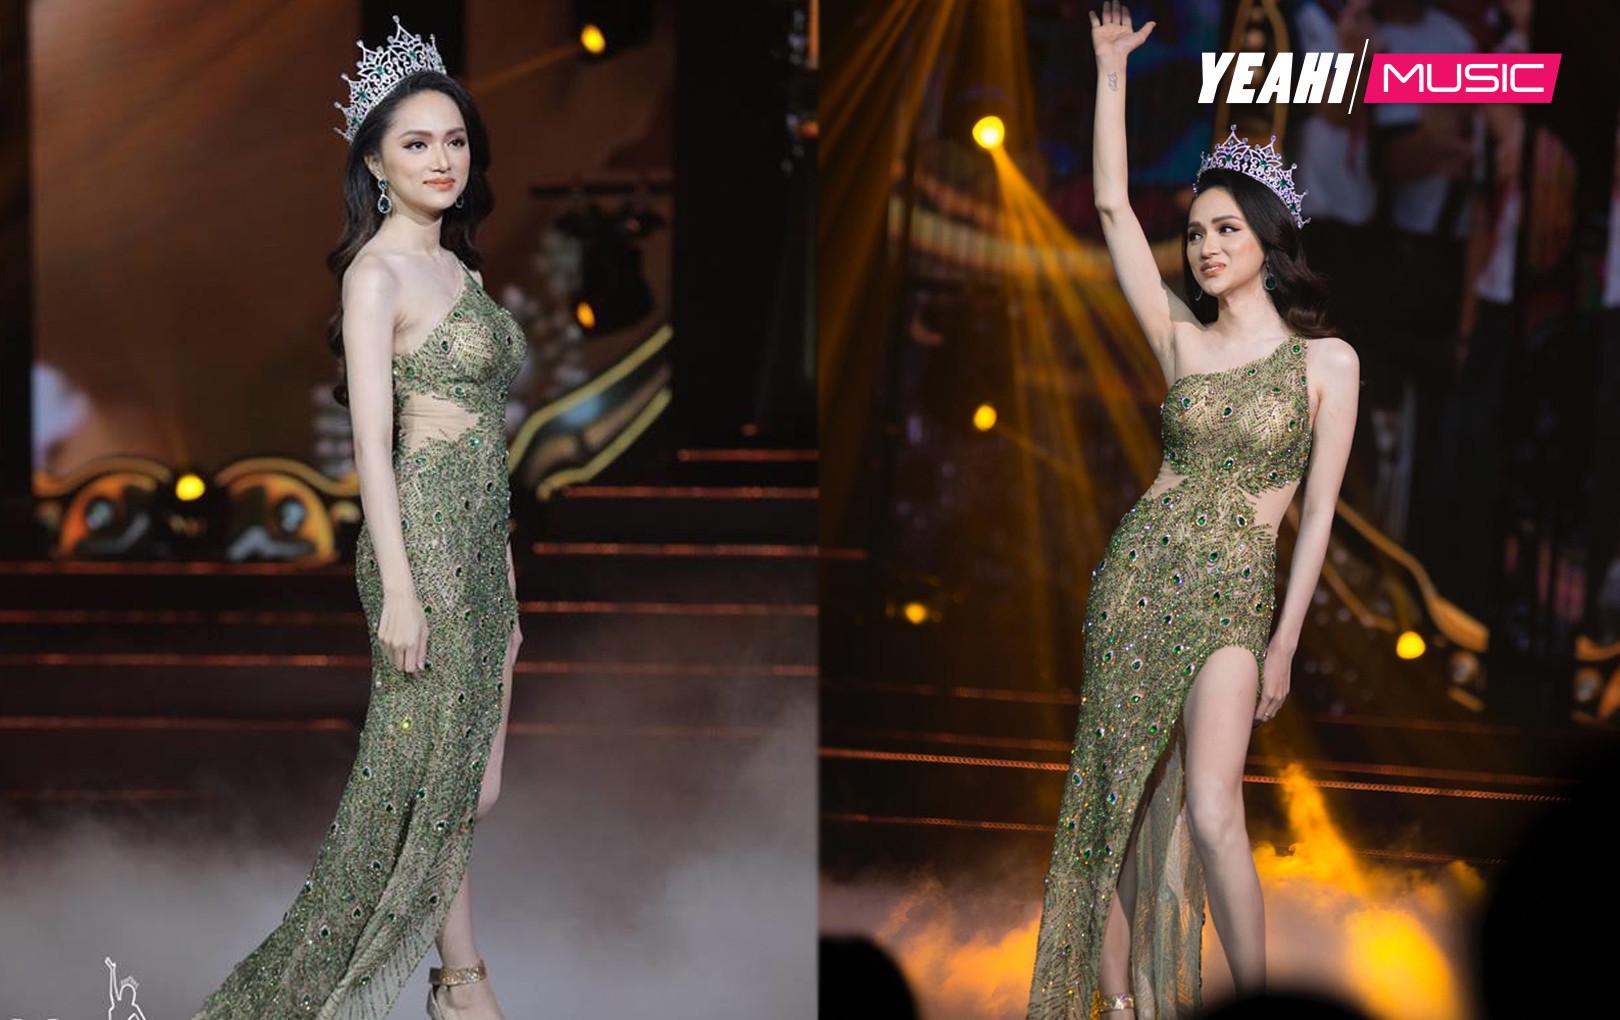 Hương Giang đẹp tựa nữ thần, lộng lẫy trong đêm chung kết Hoa hậu Chuyển giới Quốc tế 2019